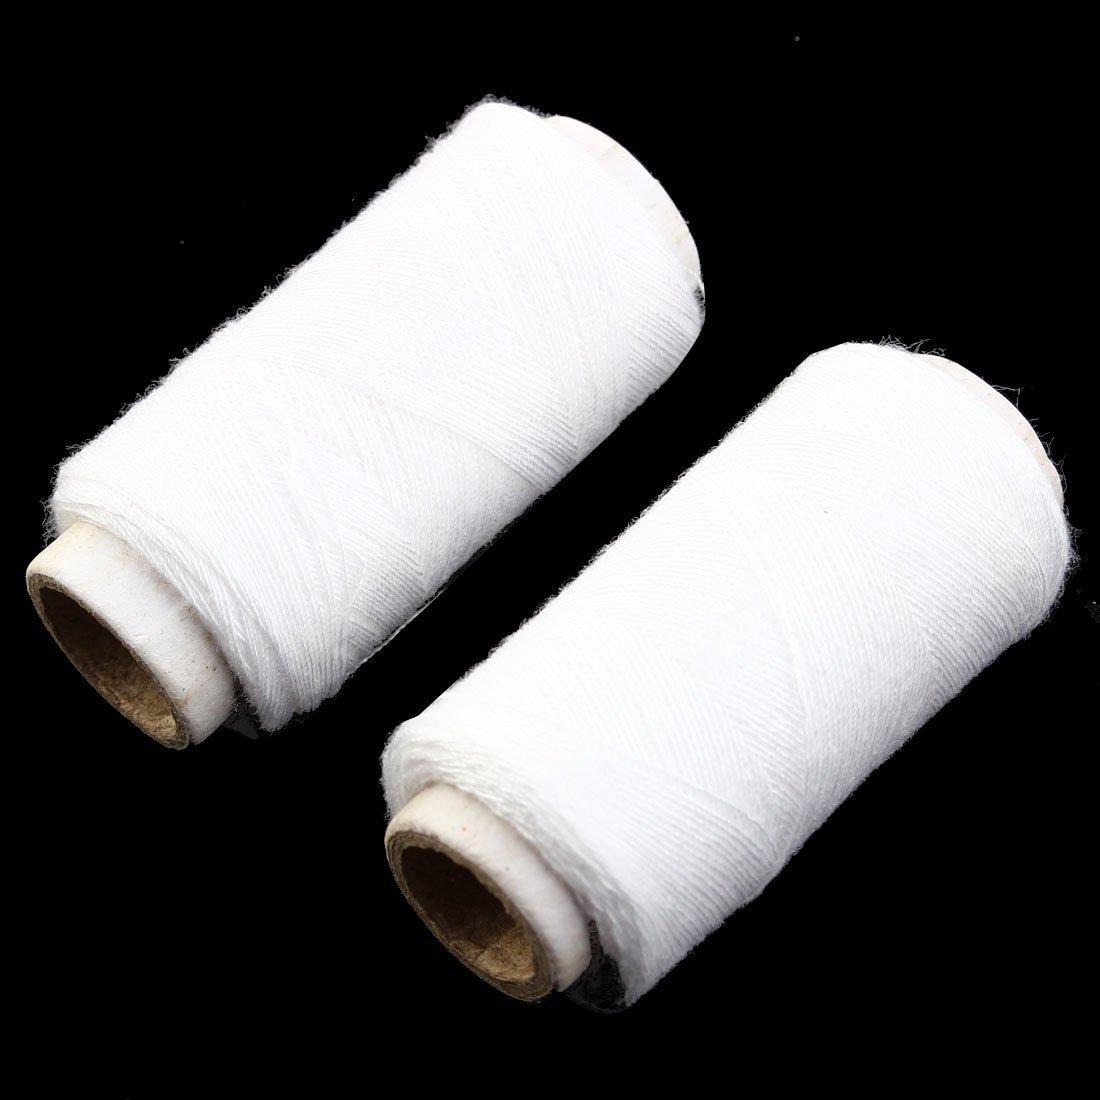 Amazon.com: eDealMax ropa Para el hogar edredón Elaboración de costura del Hilo de Coser Carrete de cordaje 10pcs Blanca